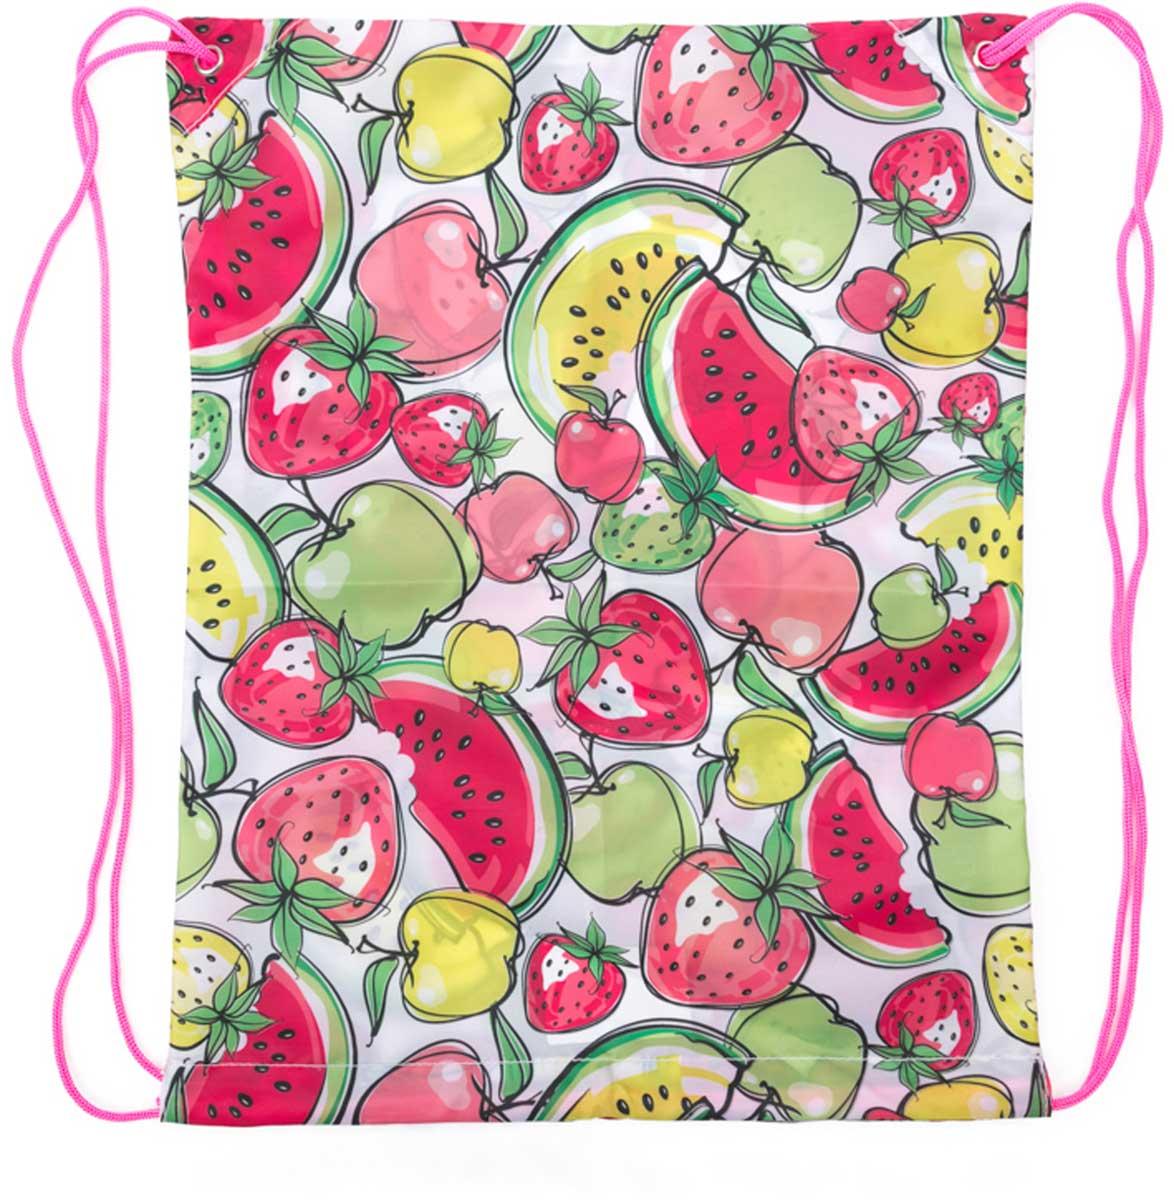 Рюкзак для девочки PlayToday, цвет: розовый, зеленый, белый. 172706172706Стильный рюкзак для девочки выполнен из полиэстера и украшен оригинальным принтом. Верх утягивается шнурком. Рюкзак оснащен тонкими плечевыми лямками.